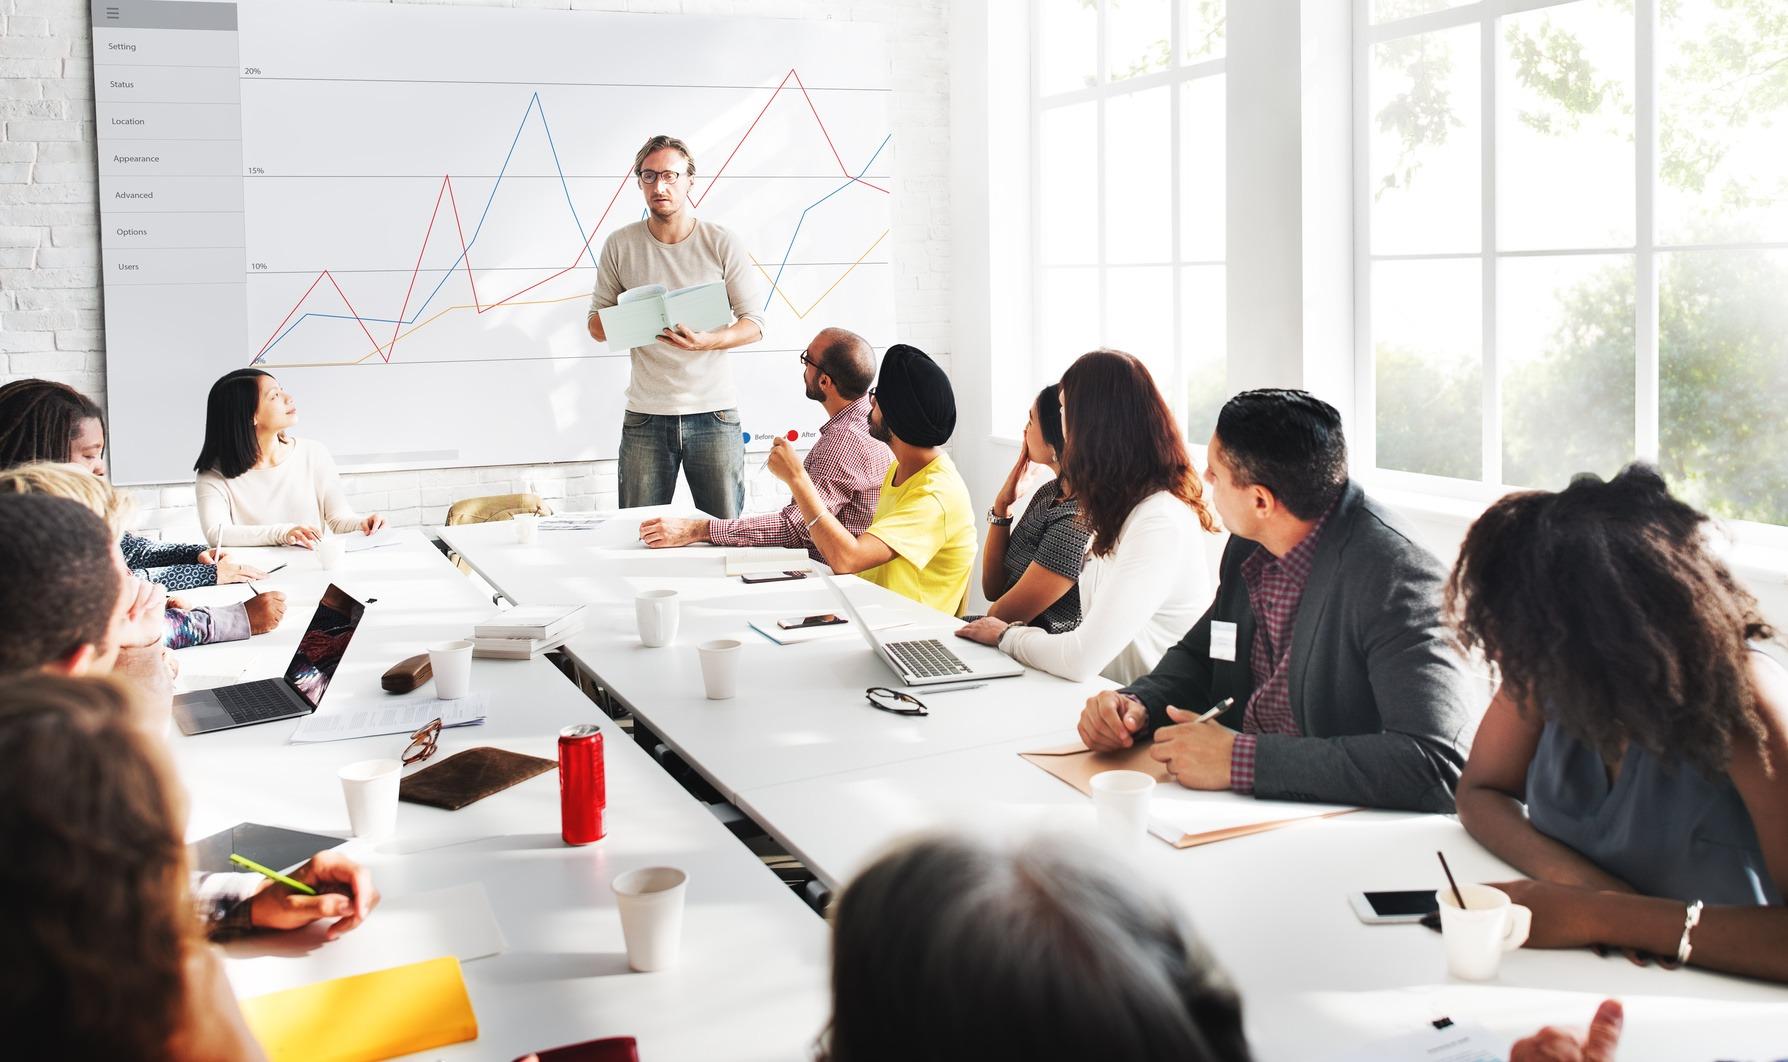 Mehrere Seminarteilnehmer sitzen an einem Konferenztisch und folgen einer Präsentation.